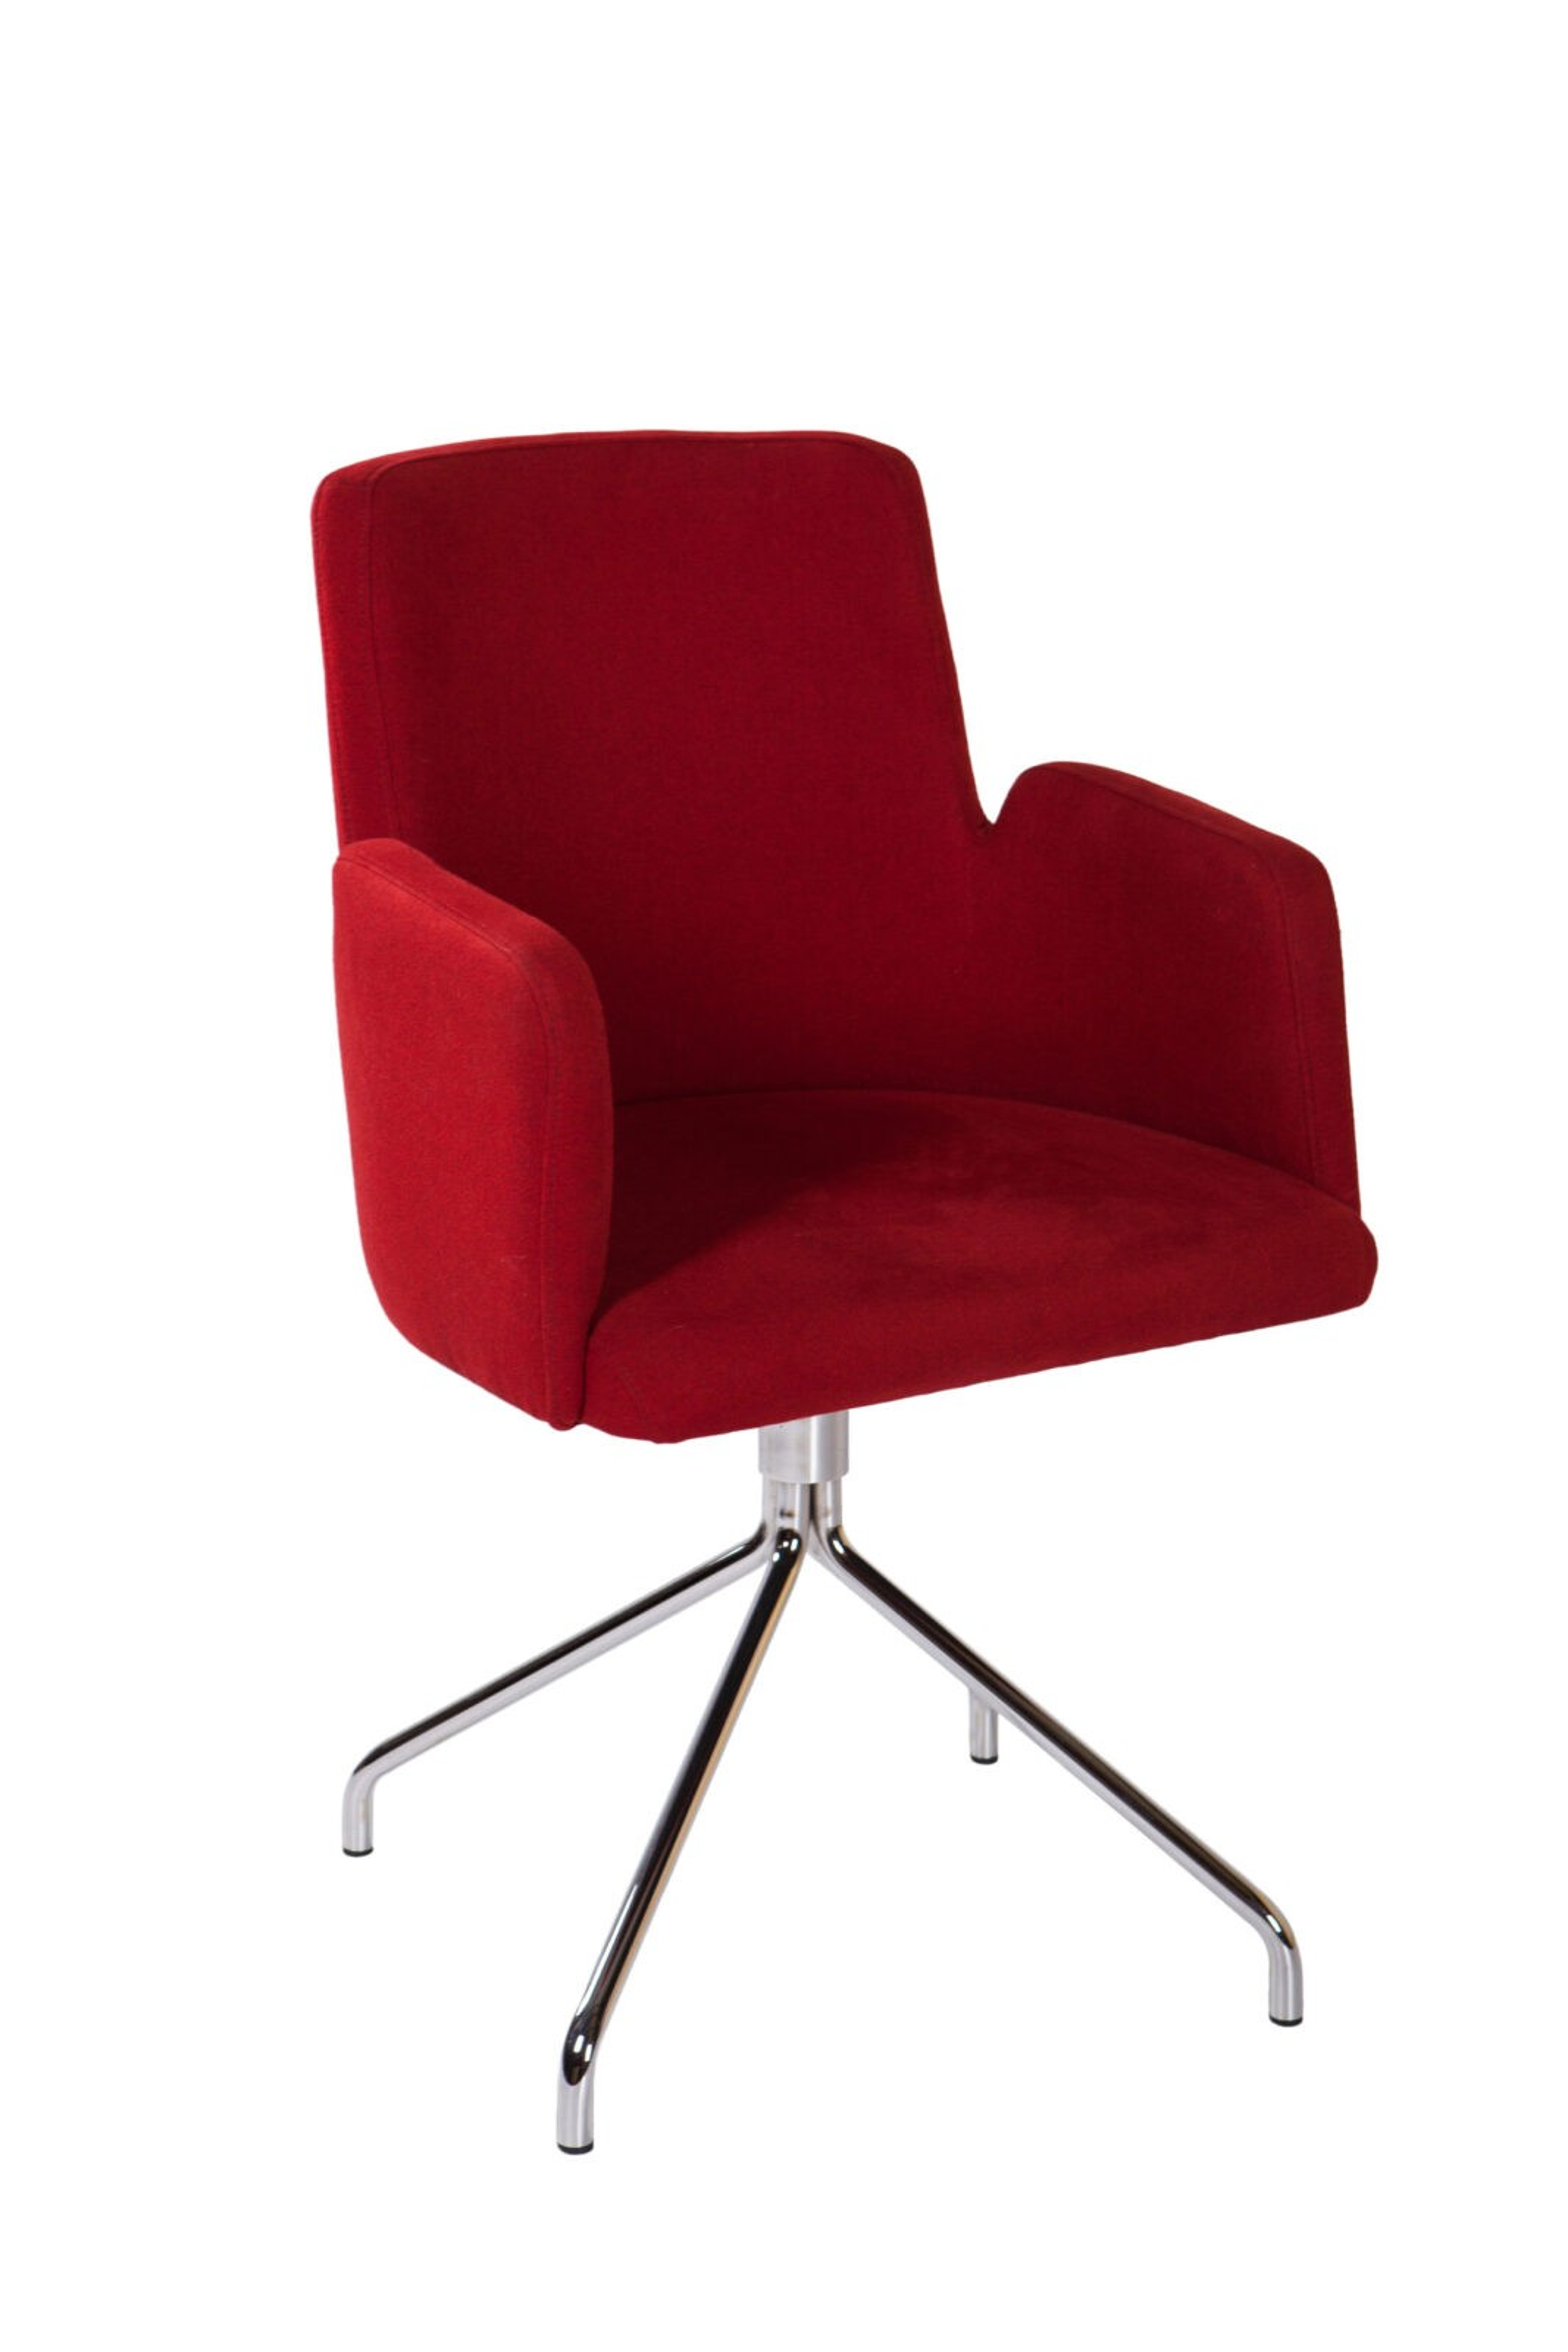 Nowoczesne krzesło tapicerowane KT 32 na metalowym stelażu z podłokietnikami